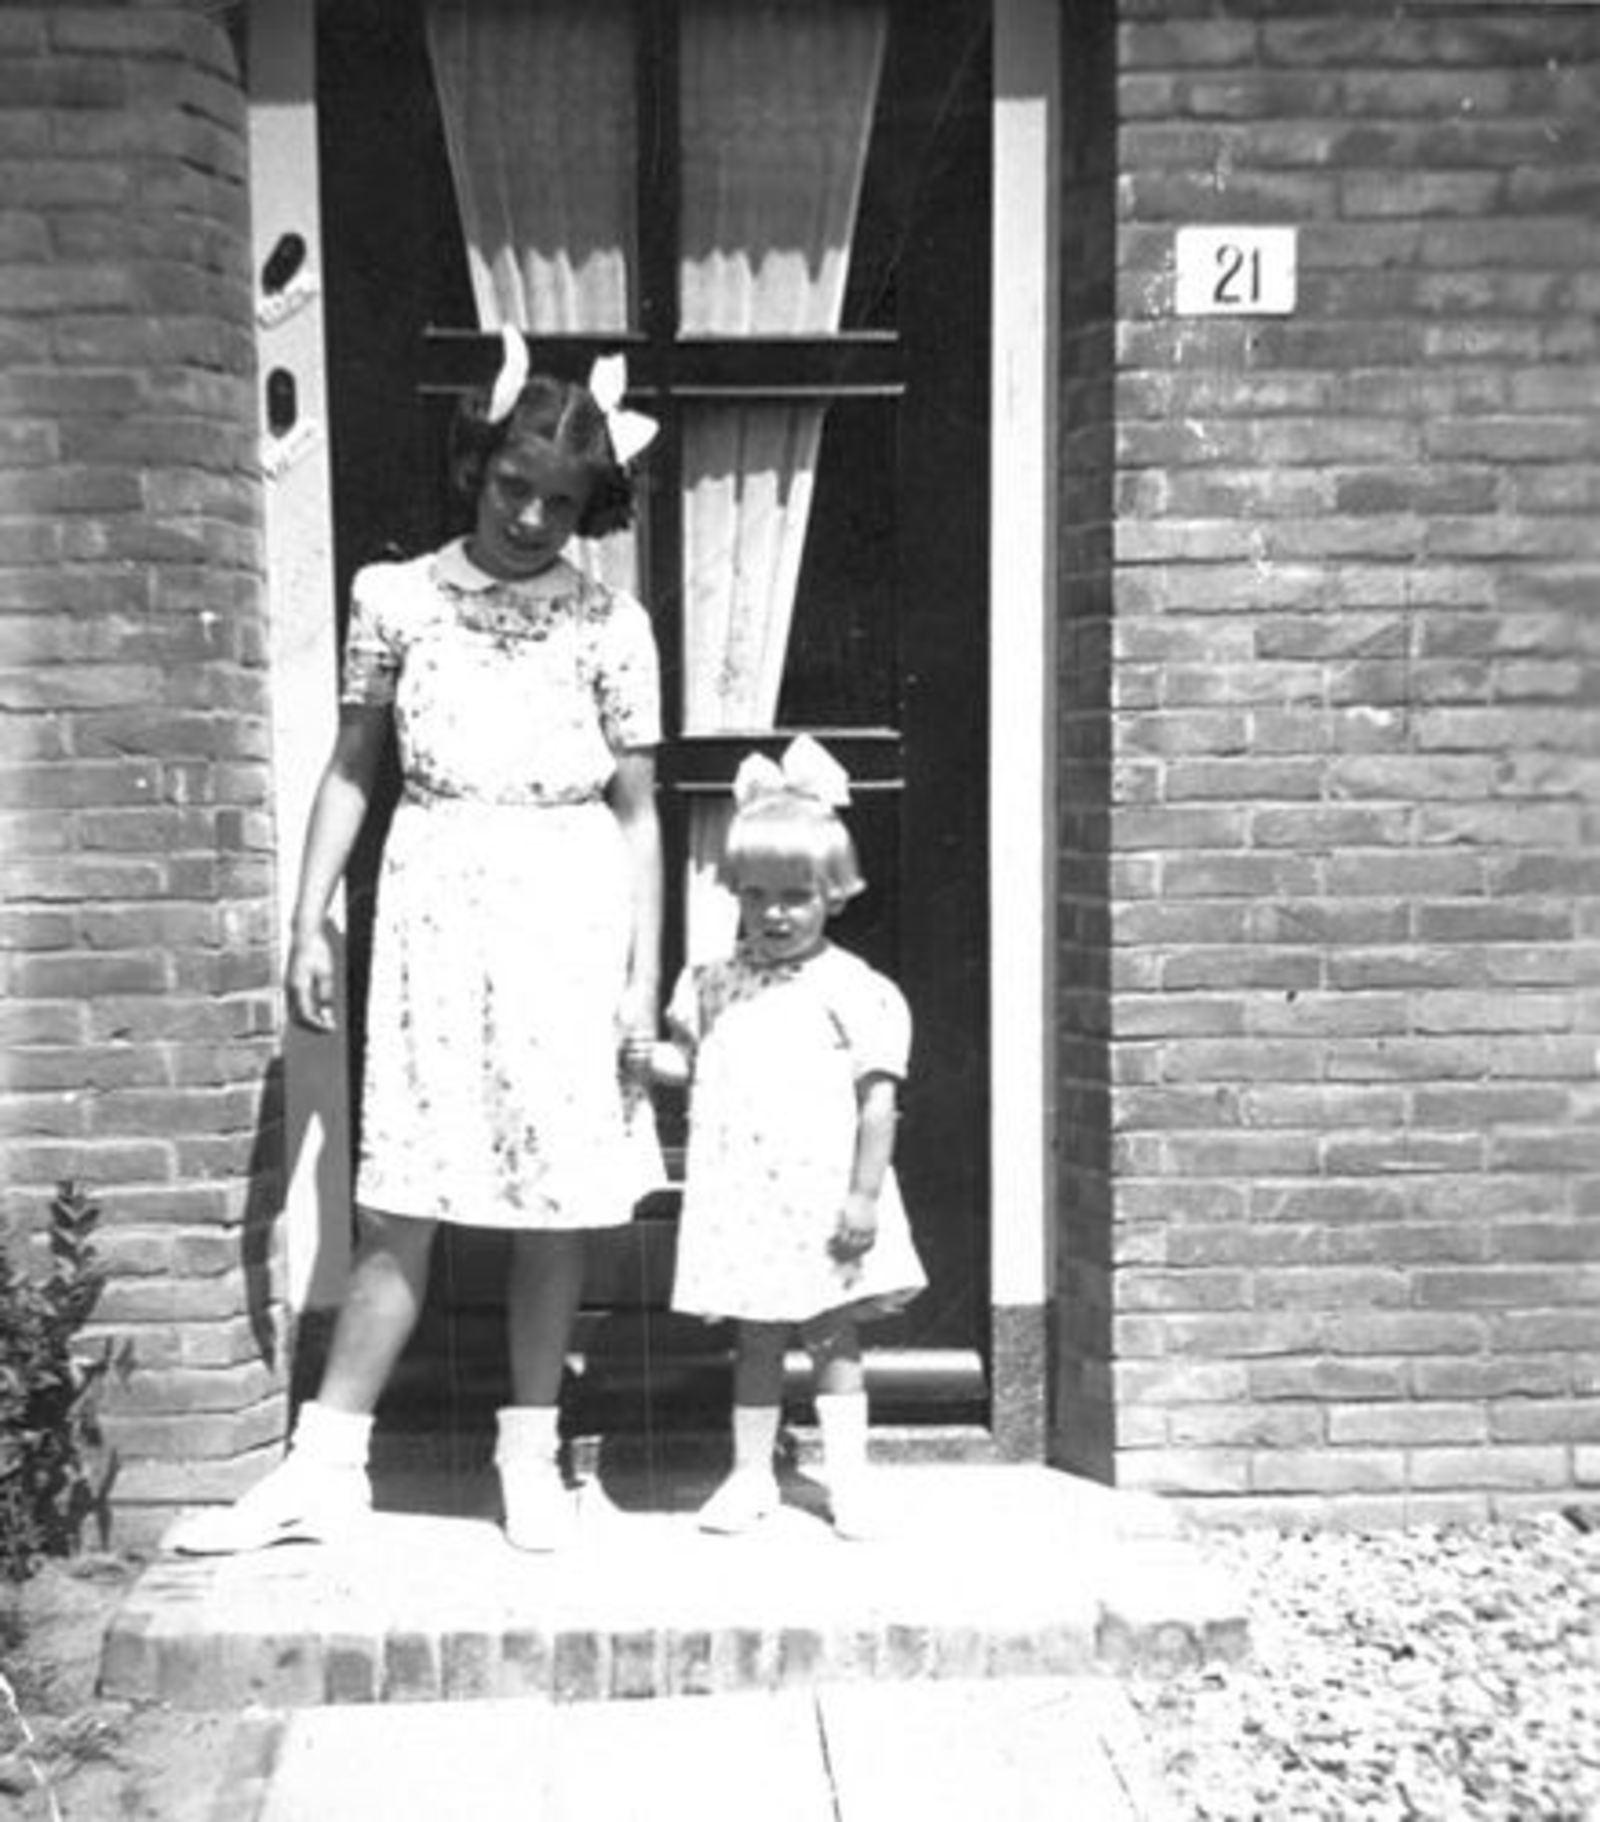 Prinses Irenestraat 0021 1950+ met Riet en Plonie de Jong Cdrs